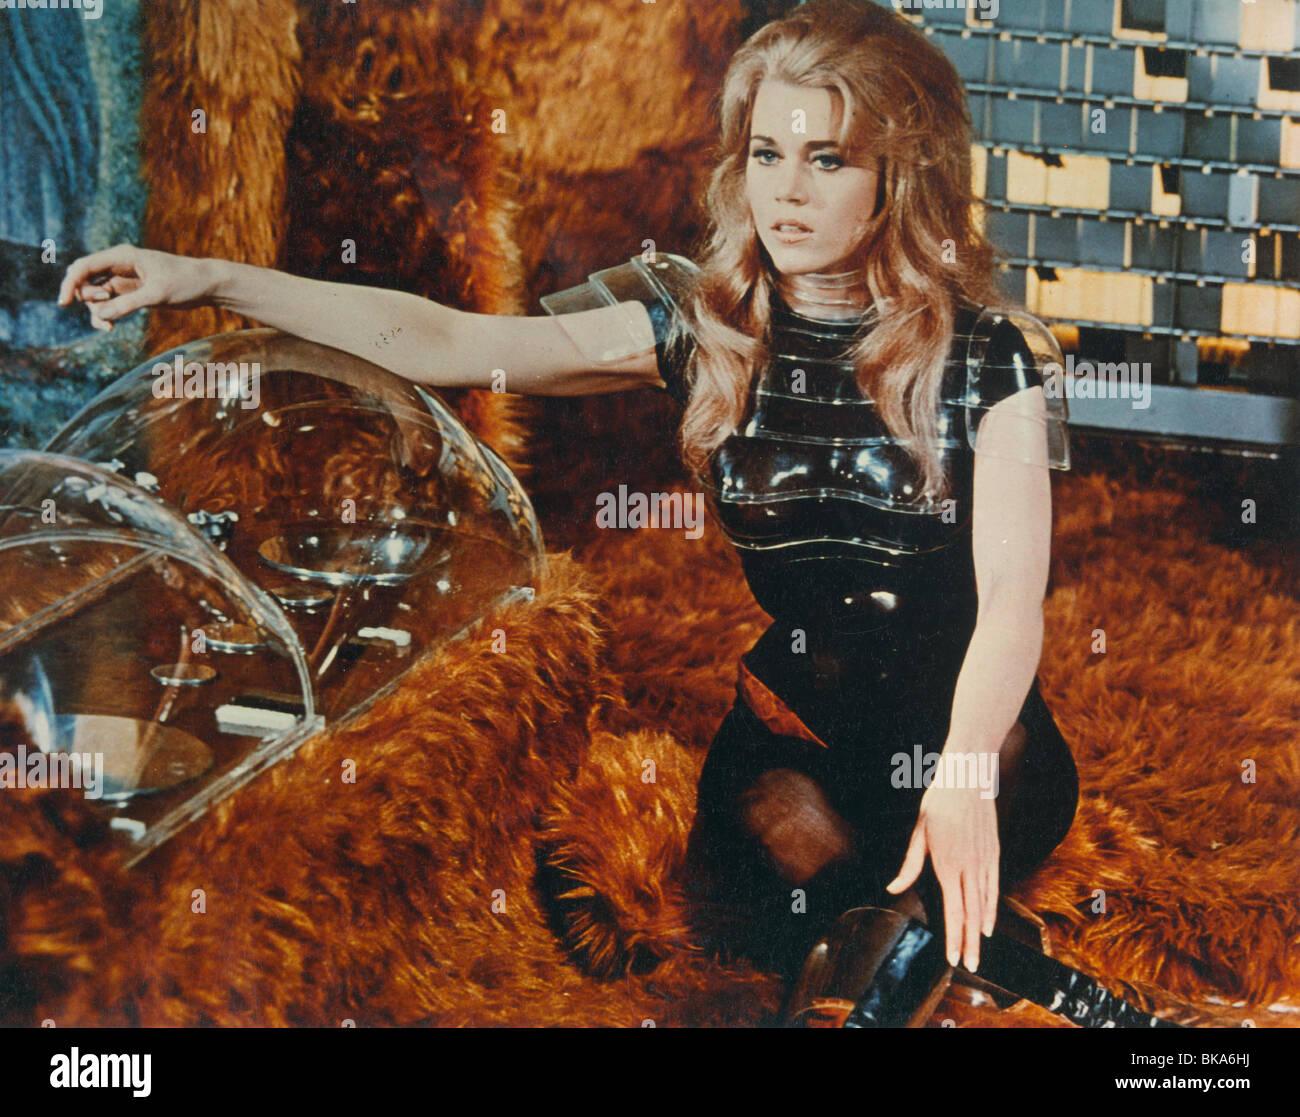 BARBARELLA (1967) JANE FONDA, BARBARELLA BRB 002CP Stock Photo